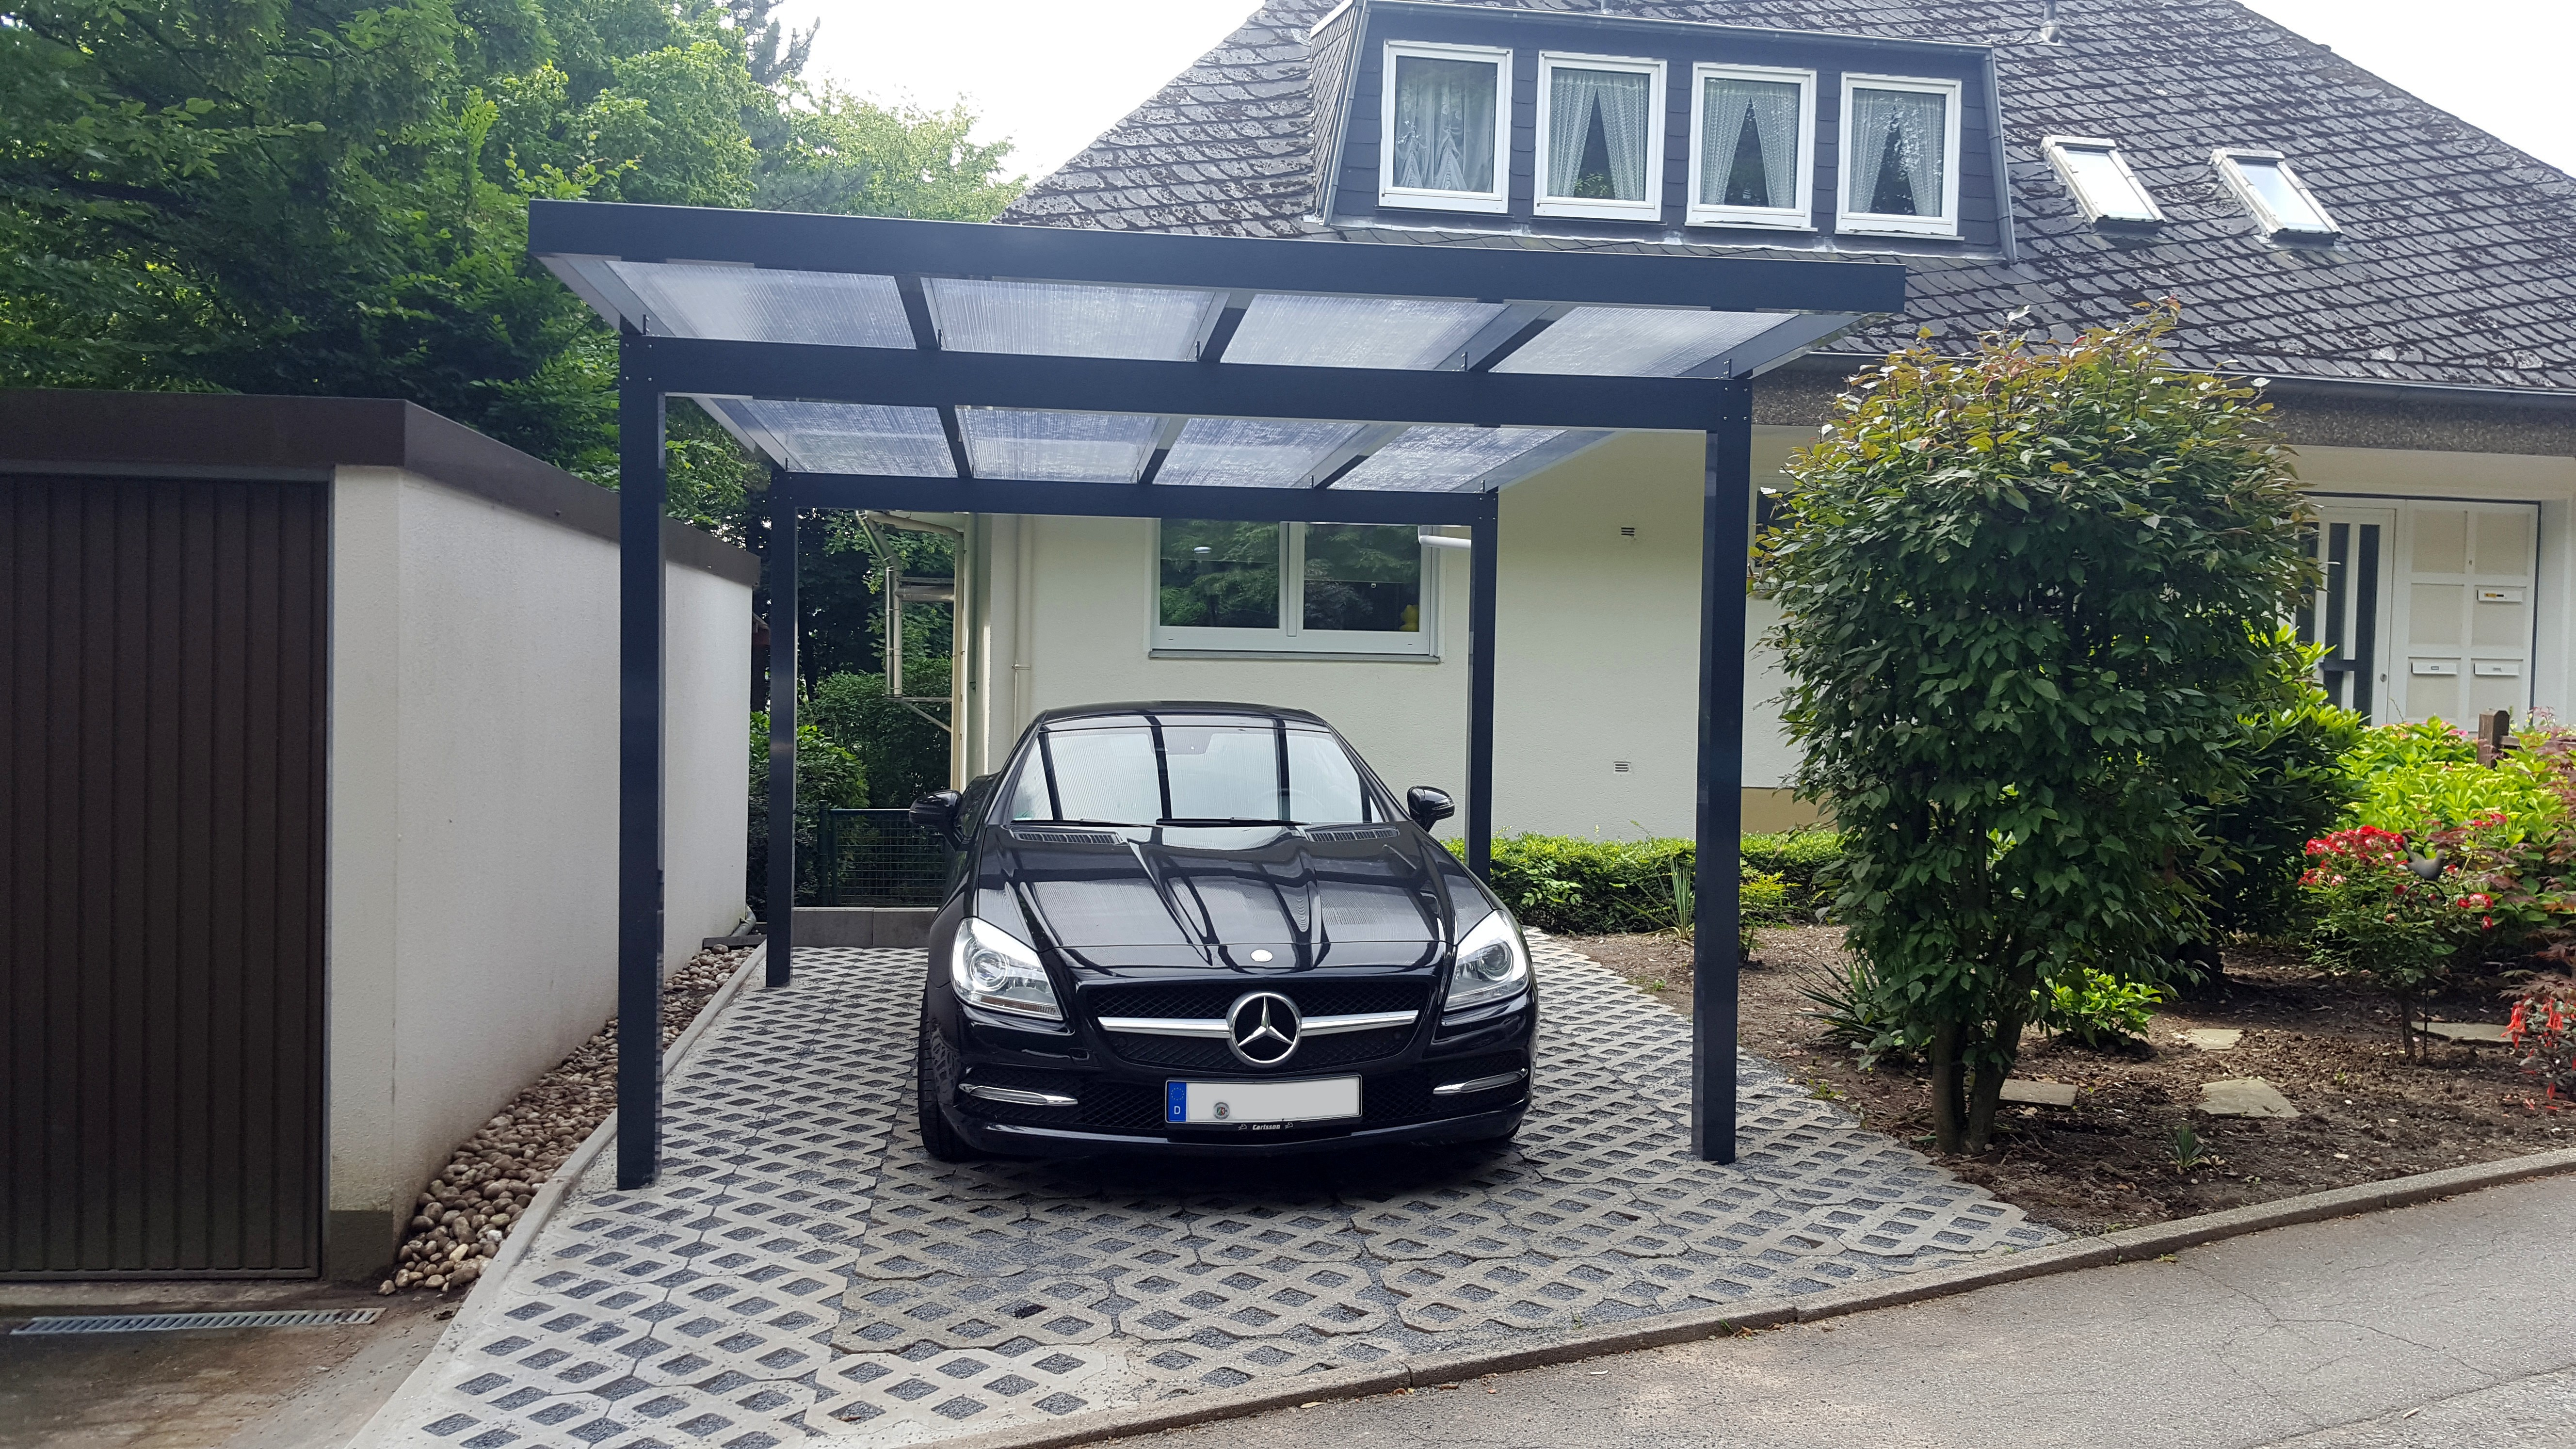 DuroPort® Flachdach-Einzelcarport aus Aluminium - Made in Germany